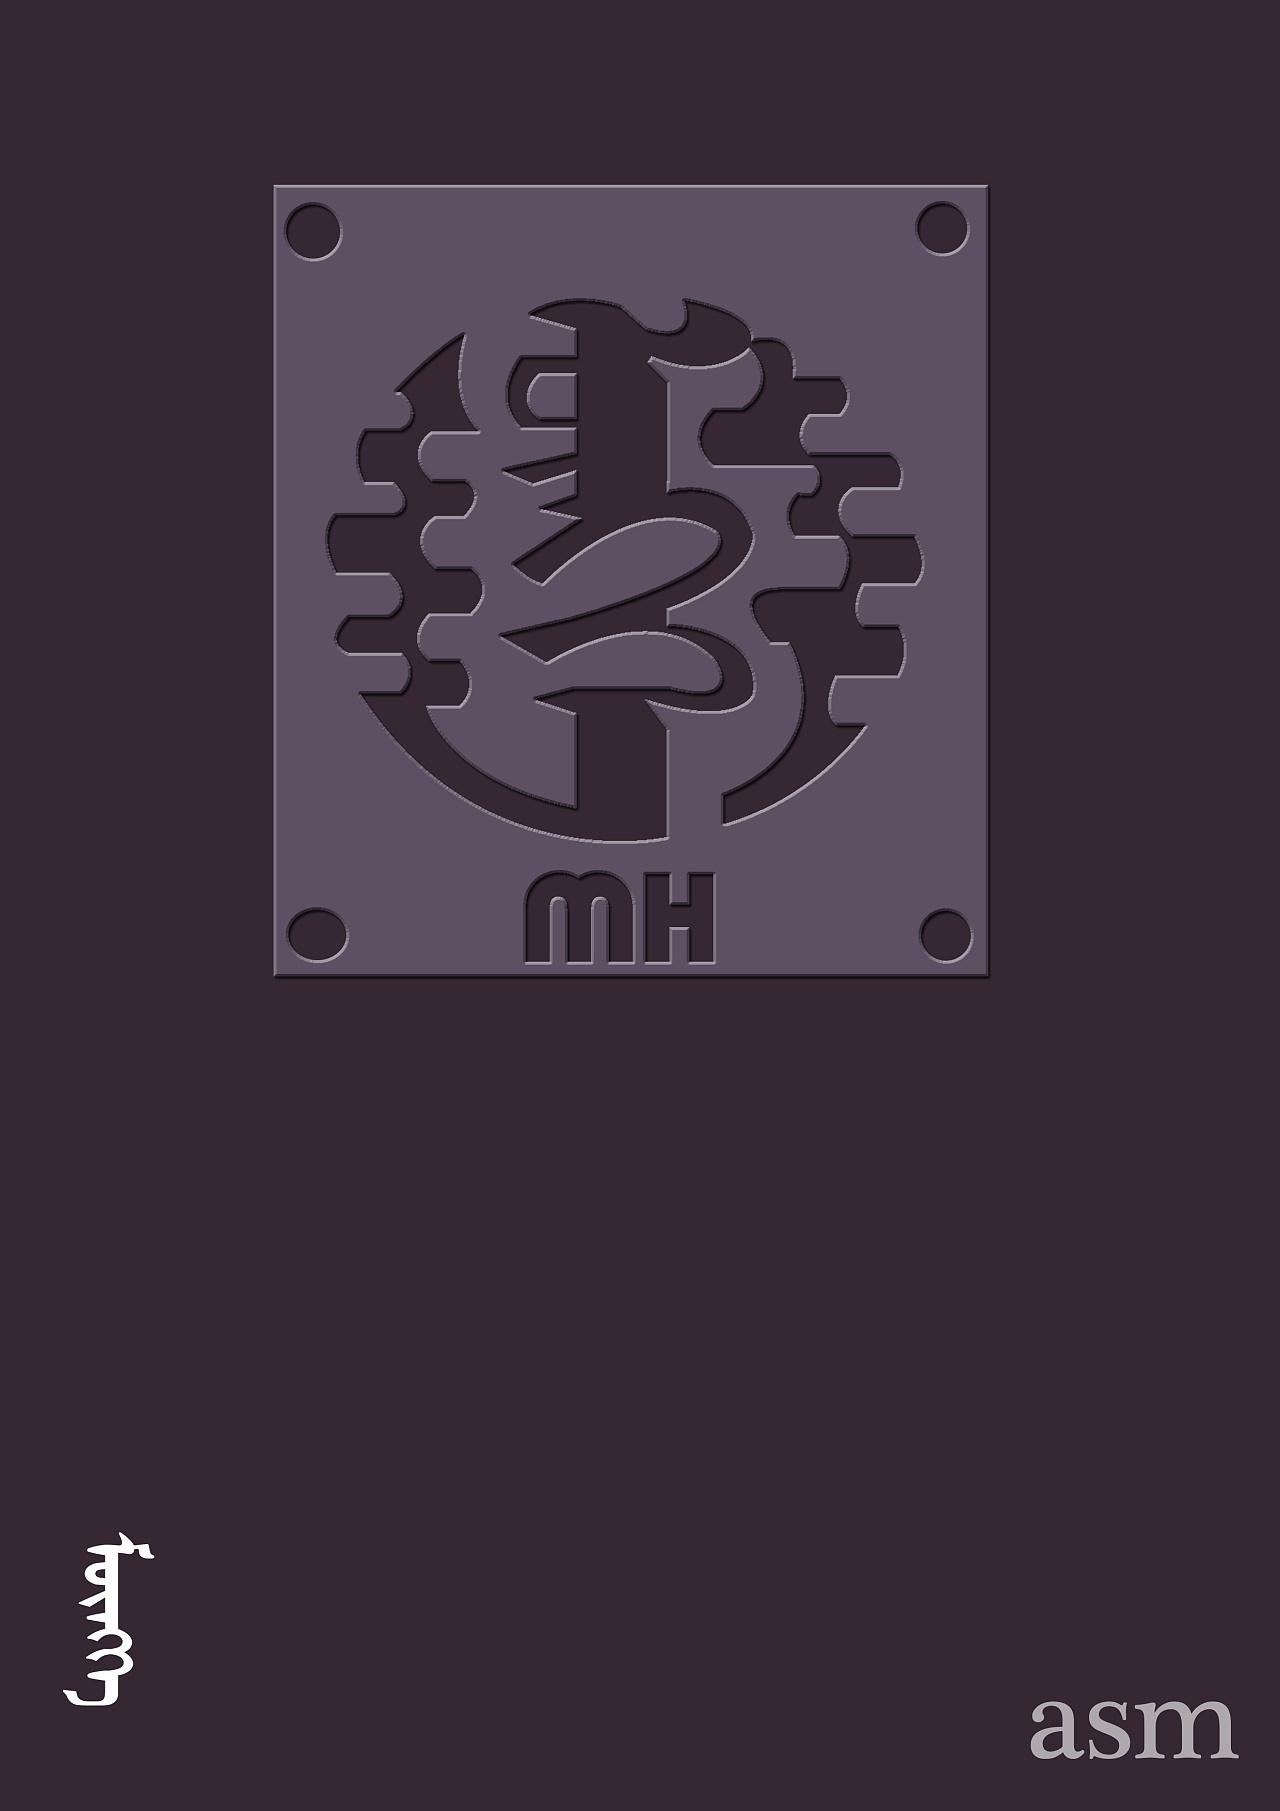 蒙古艺术文字3 -阿斯玛设计 第6张